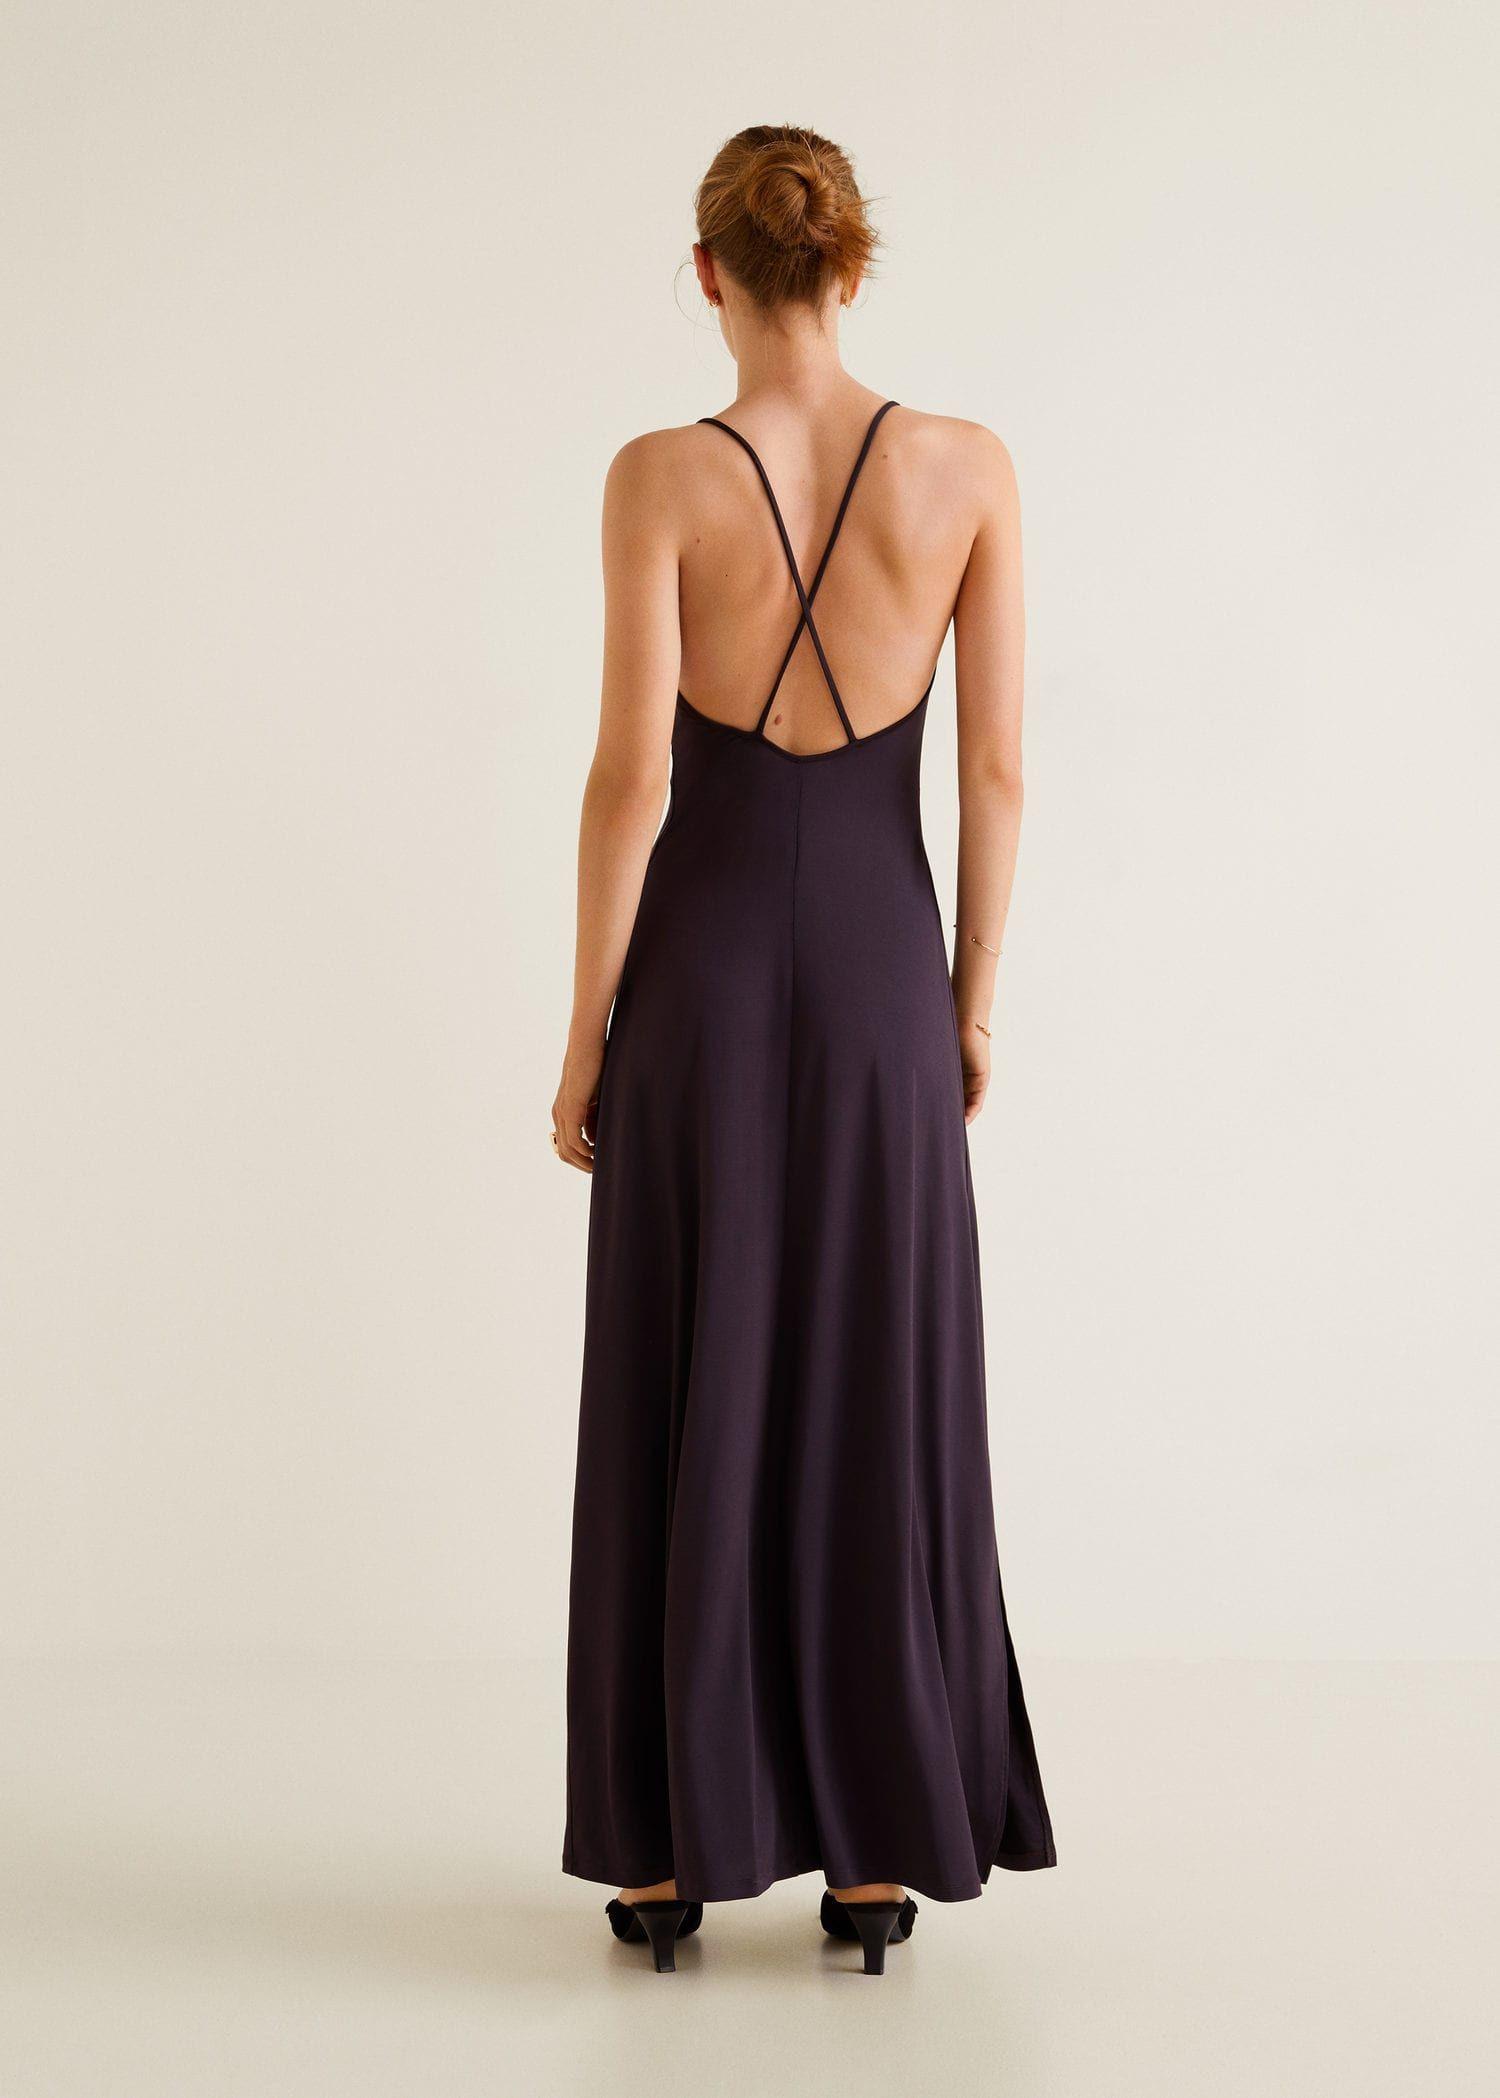 Kleid Mit Gekreuzten Trägern  Damen  Kleider Lange